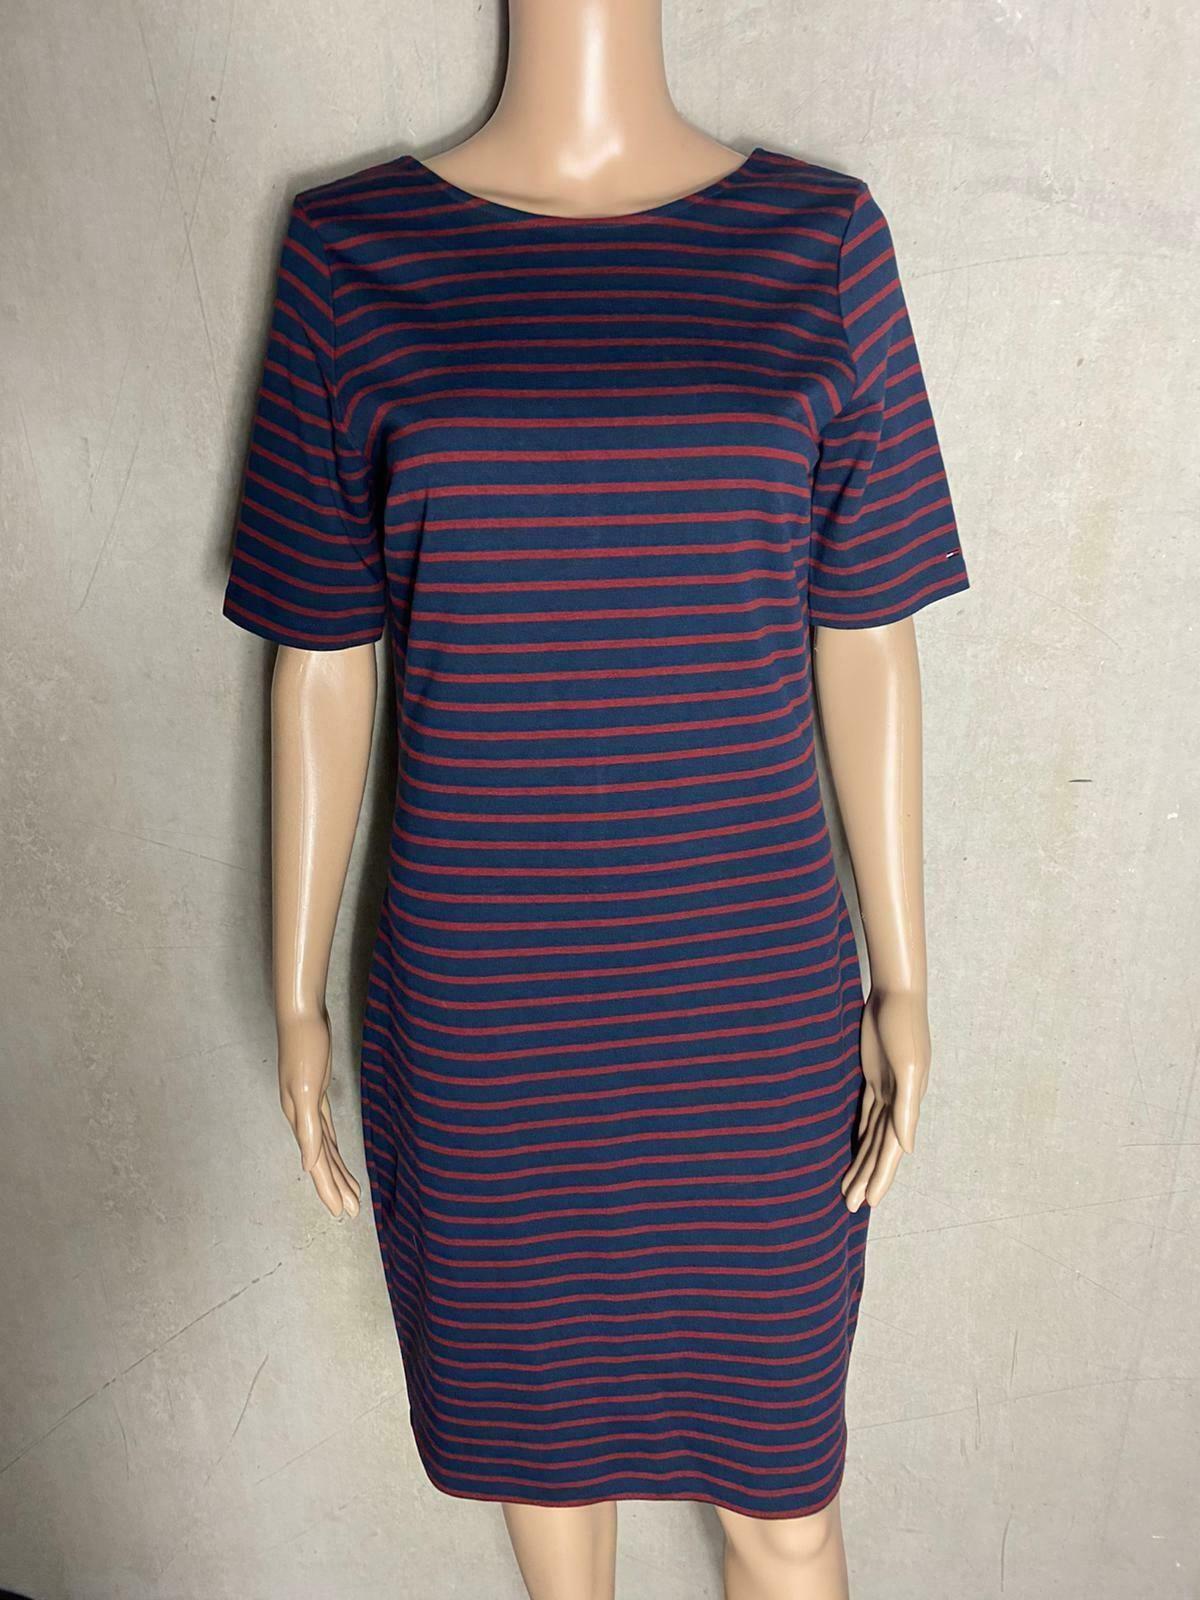 Tommy Hilfiger Schones Kleid Gestreift Blau Rot Midi Neu Gr M 38 130m In 2020 Gestreiftes Kleid Modische Kleider Fur Frauen Kleider Fur Frauen